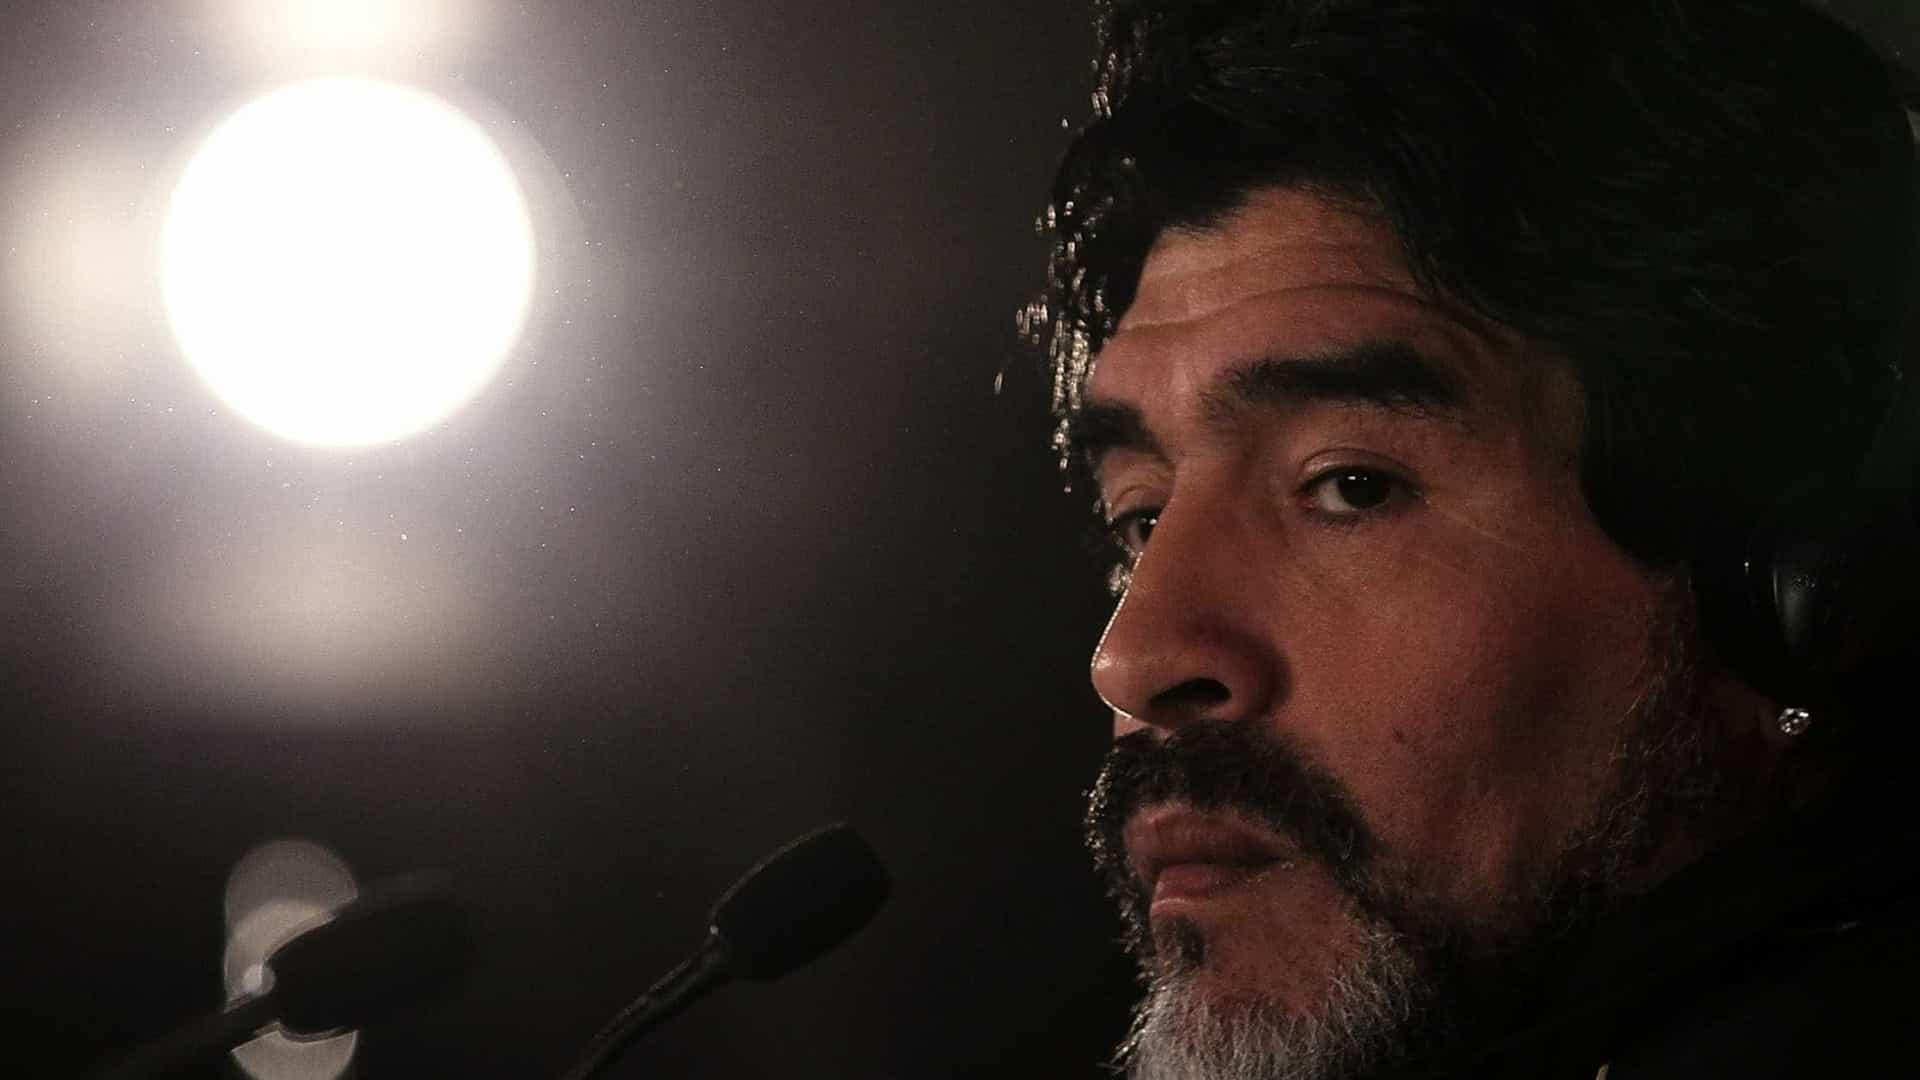 naom 59518c00f01d2 - Maradona precisou ser sedado para não abandonar hospital, diz médico